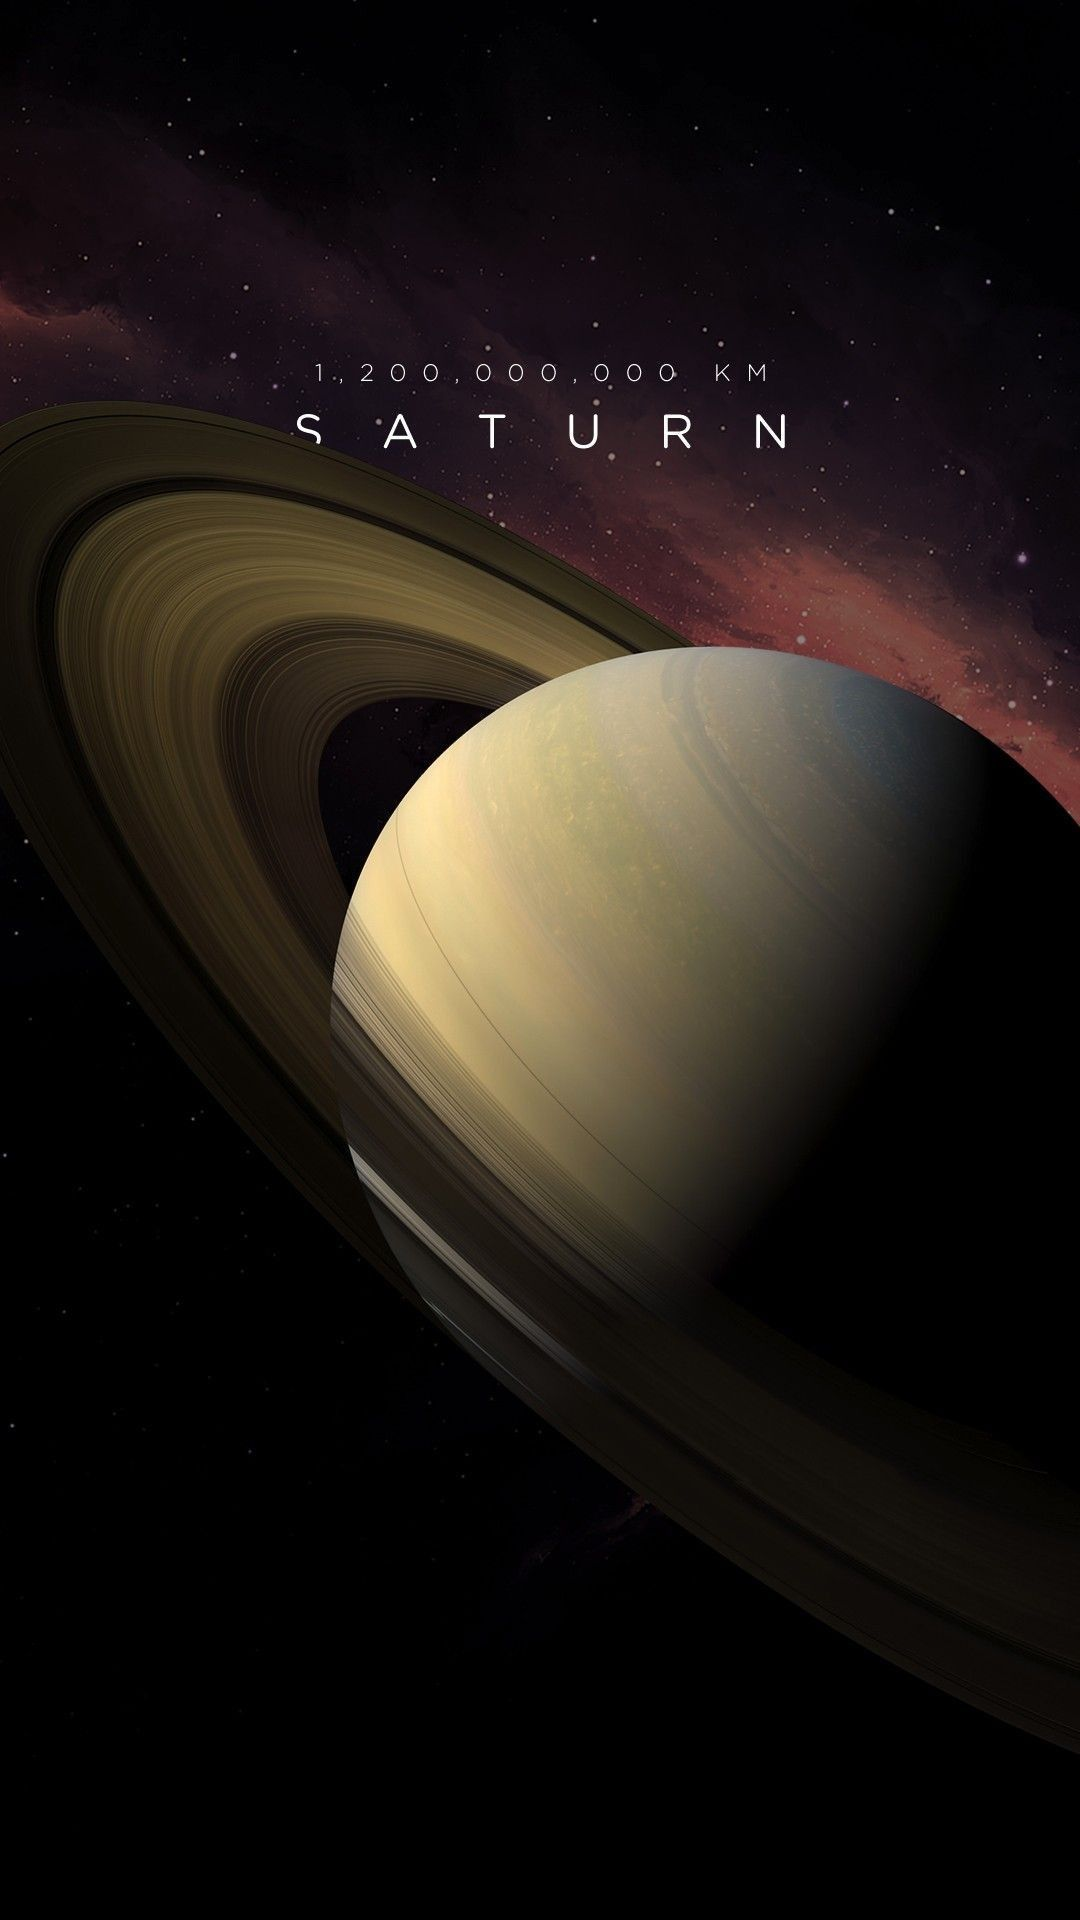 Mnsruu Space Planet Solar System en orbite Autour du Soleil Doux Bain H/ôtel Spa Main Gym Sport Serviette 76 x 38 cm